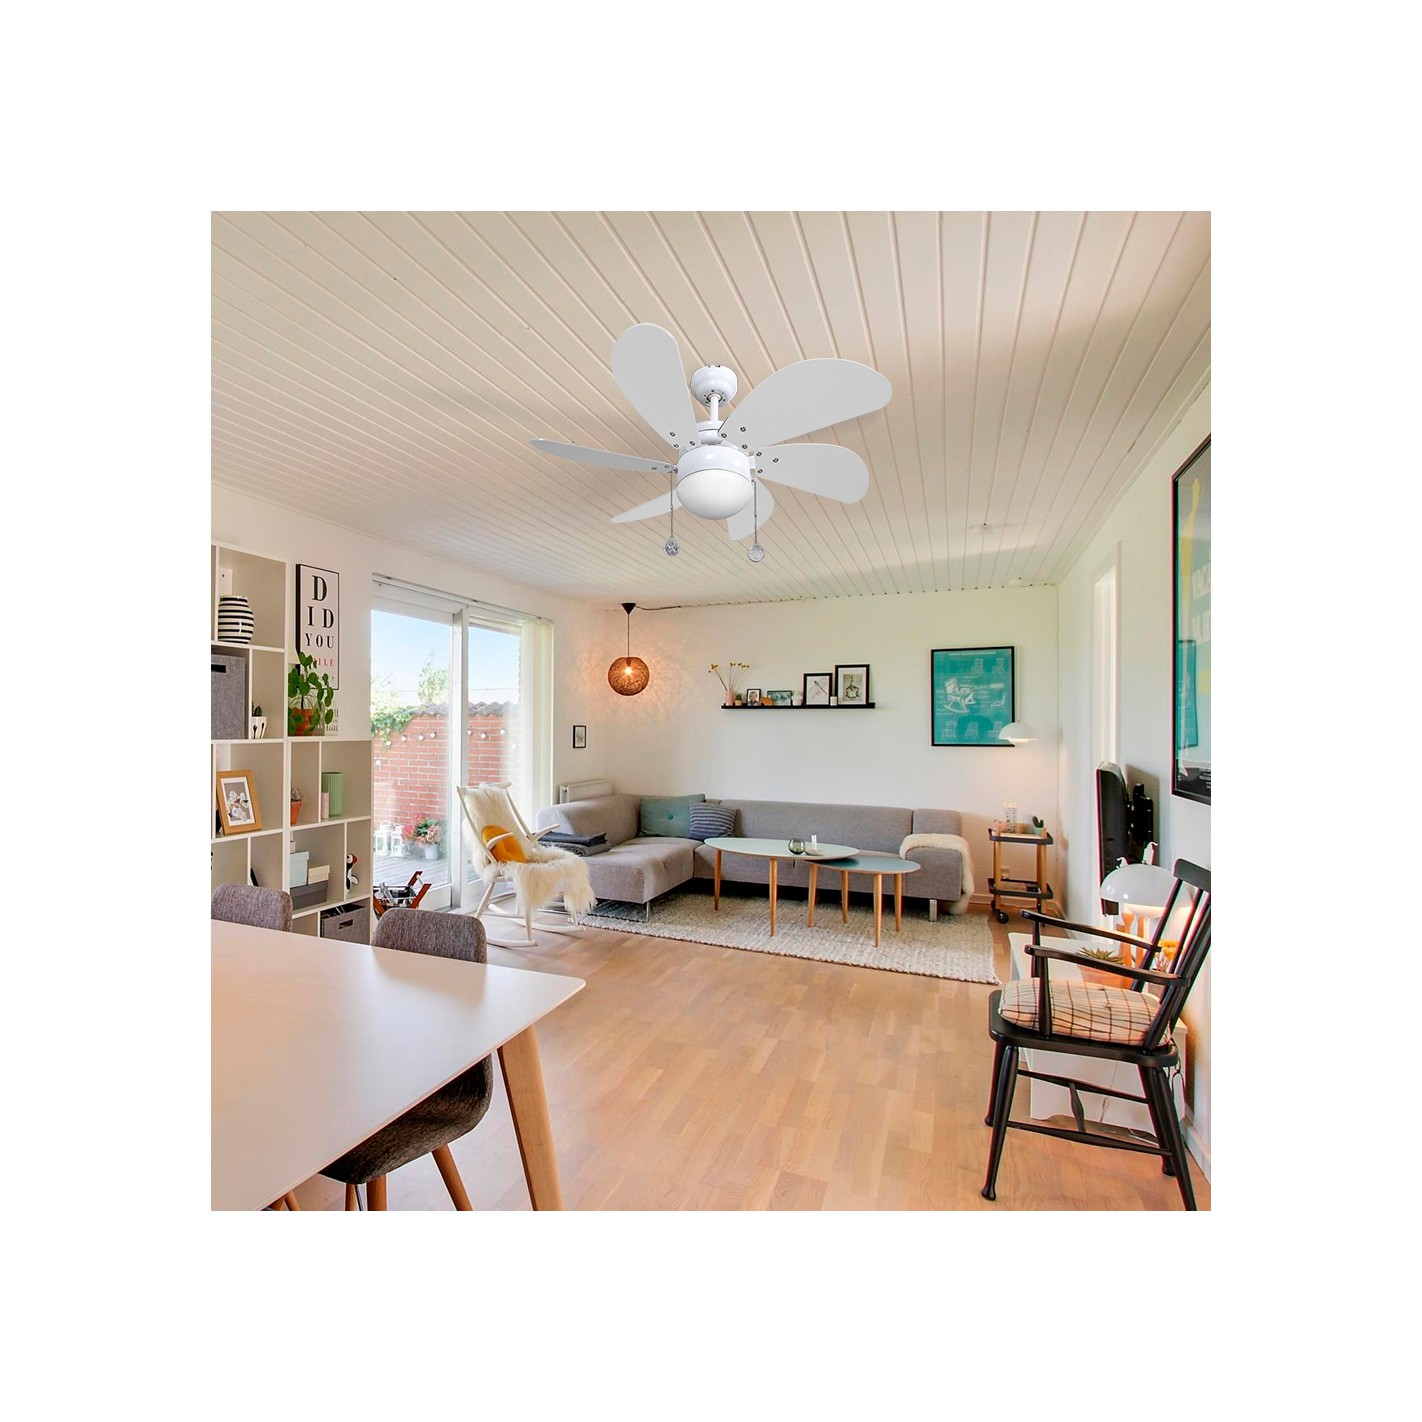 Ventilador de techo con luz serie delf n blanco blanco for Ventilador de techo blanco con luz